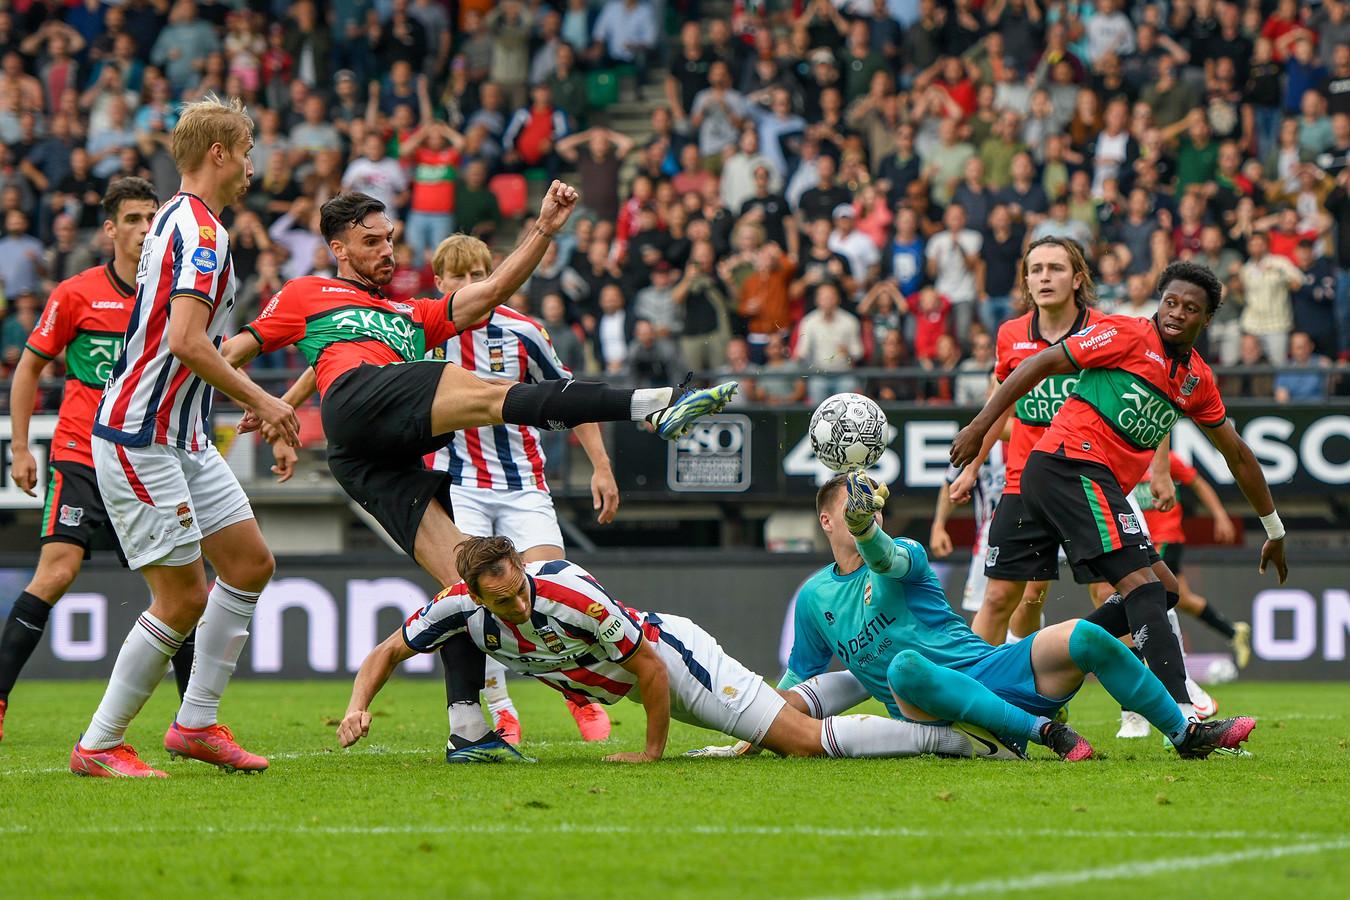 NEC-verdediger krijgt de bal na een scrimmage in het strafschopgebied van Willem II niet in het doel.